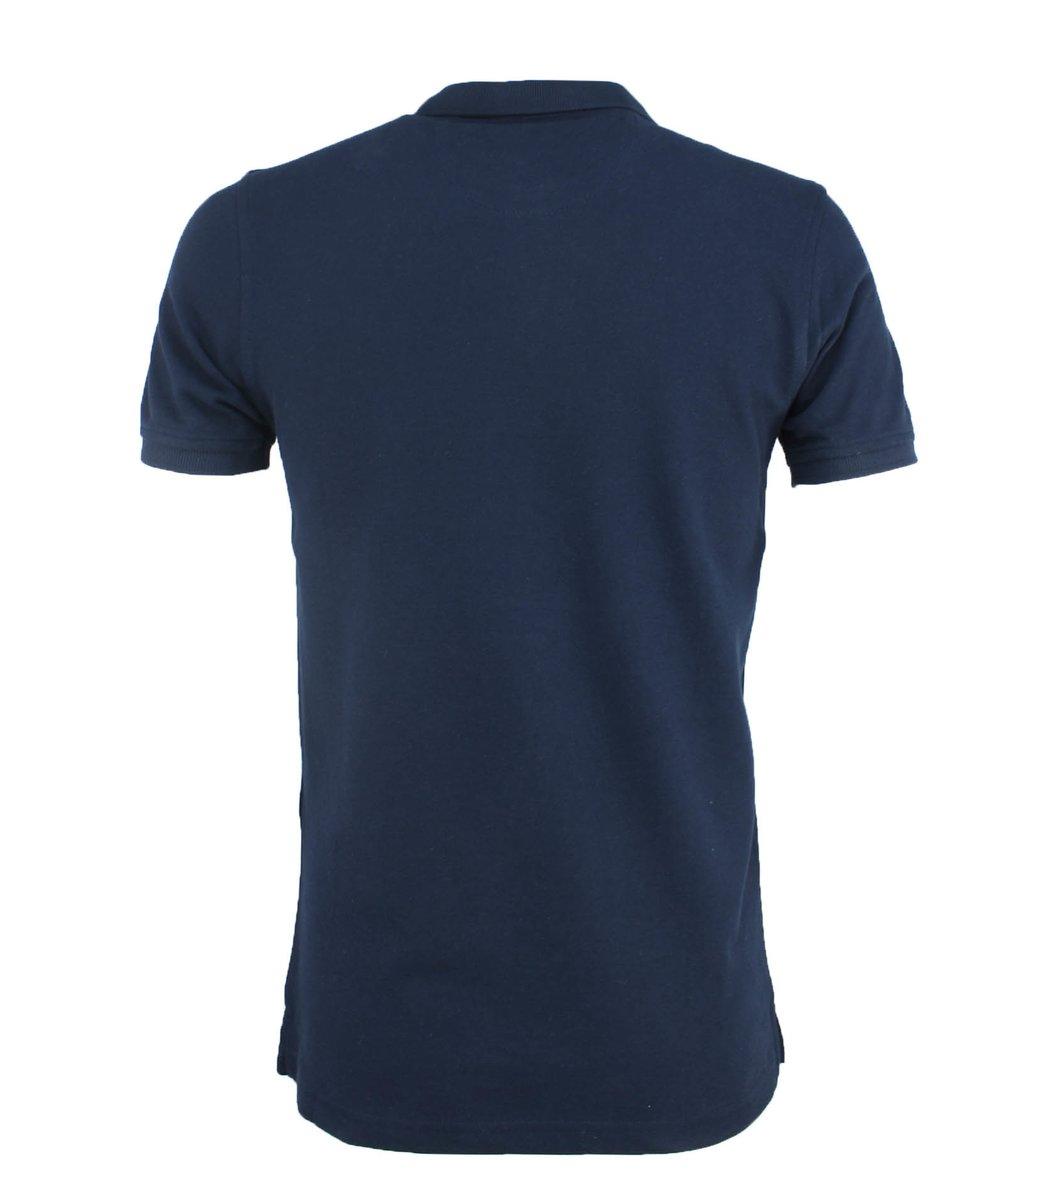 Тёмно-синяя футболка поло Paul&Shark F3